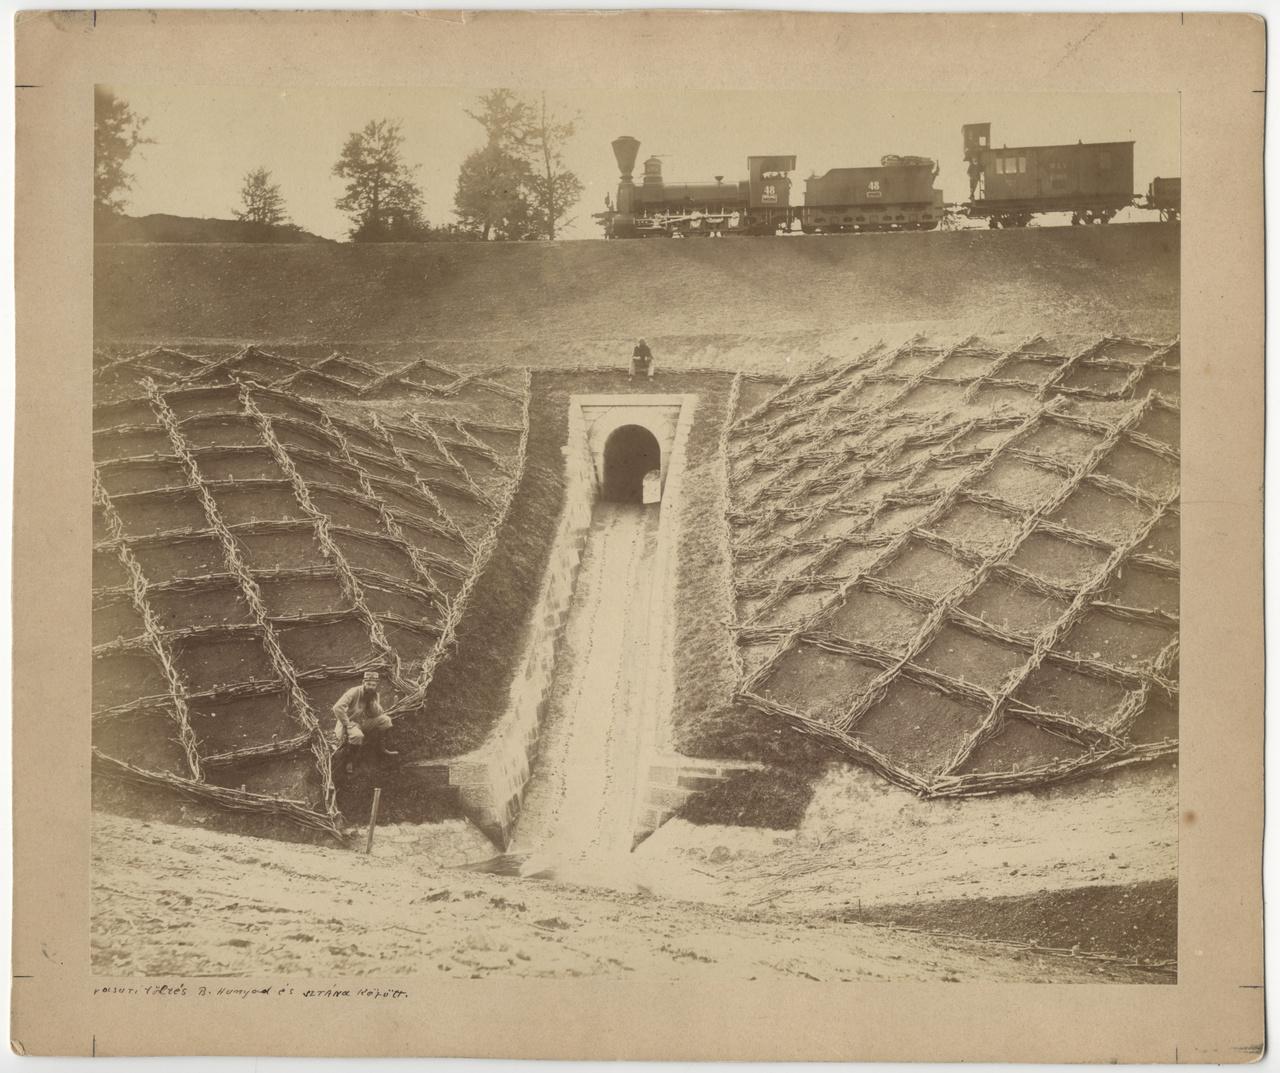 Vasúti töltés Bánffyhunyad és Sztána között, 1869 tájékán – Veress Ferenc (1832-1916) albumin printje. Az erdélyi, nemesi származású Veress a magyar fotótörténet egyik úttörő alakja, 18 évesen már volt saját kamerája, rá pár évre már saját műterme is, és folyamatosan új fényképezőgépekkel, objektívekkel, fotótechnikákkal, fotokémiai eljárásokkal kísérletezett. Élete során több mint ötvenezer portrét készített, de főképp erdélyi tájképeiről, kolozsvári városképeiről vált ismertté. Képeit albumokban mutatta be, mondhatni a fotókönyvek korai feltalálói közé tartozott. Tájfotós tevékenységének fontos részét képezte a vasútvonalak kiépítésének dokumentálása, kora legkorszerűbb közlekedési eszközében a technikai haladás, a társadalmi fejlődés gyorsulásának szimbólumát látta, láttatta.